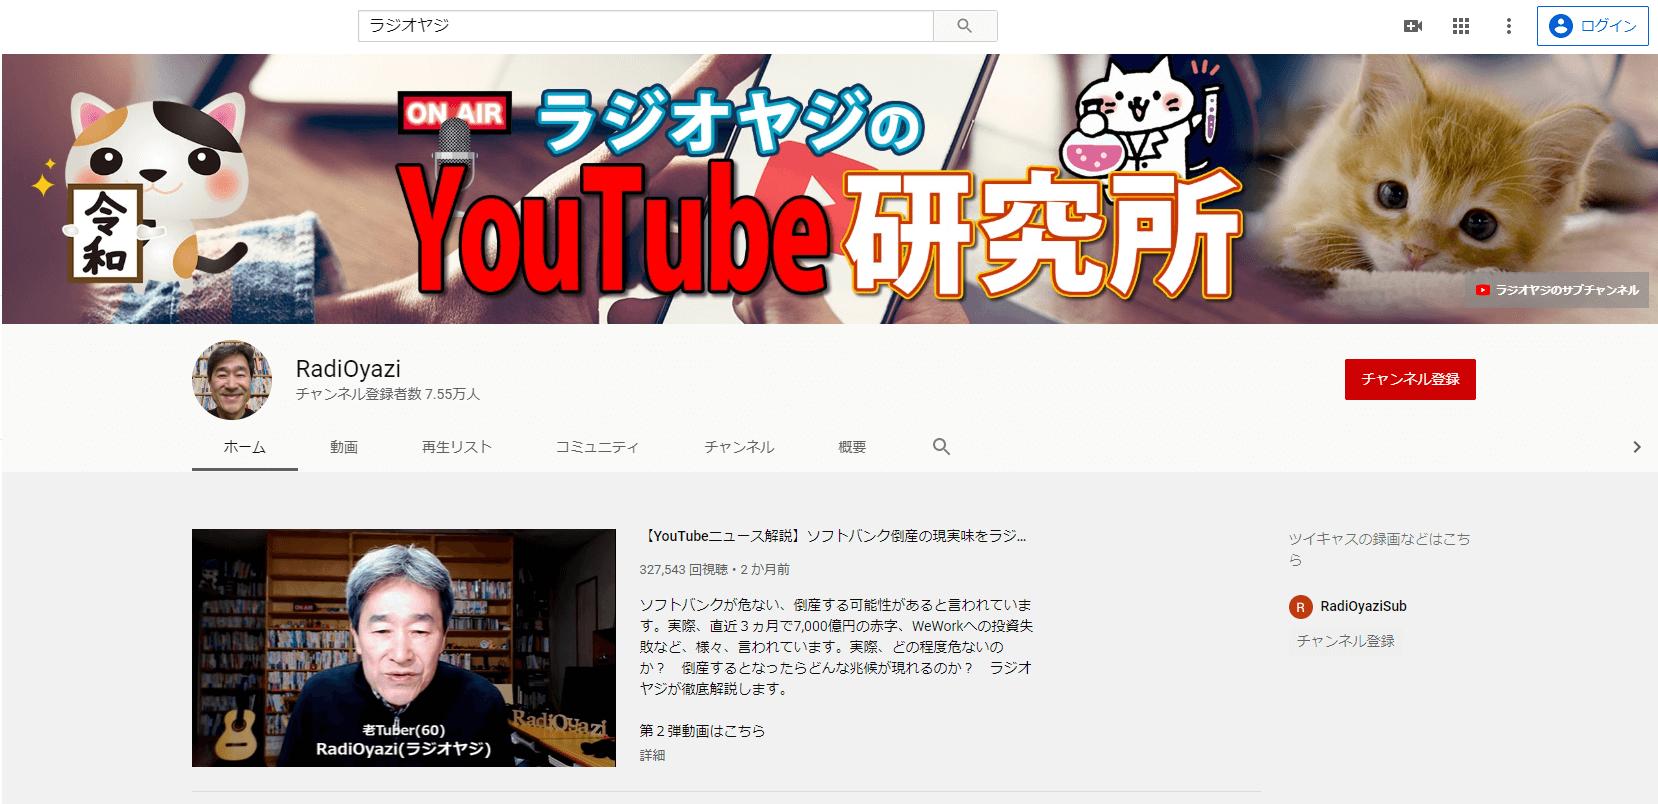 youtubeチャンネルの画像